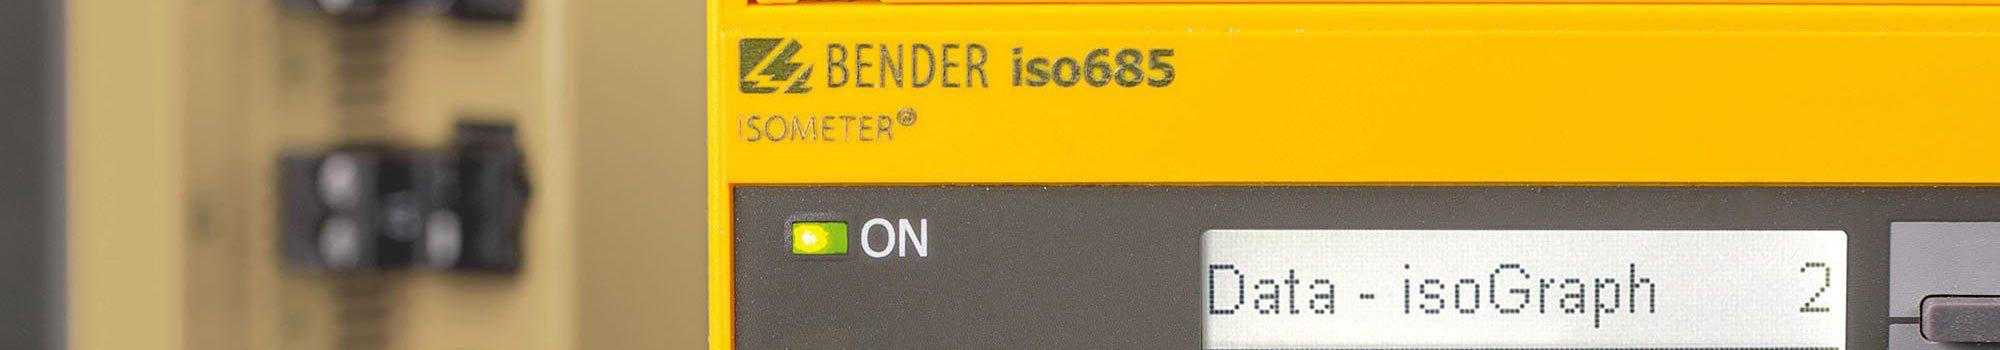 Vantaggi del sistema IT - Bender